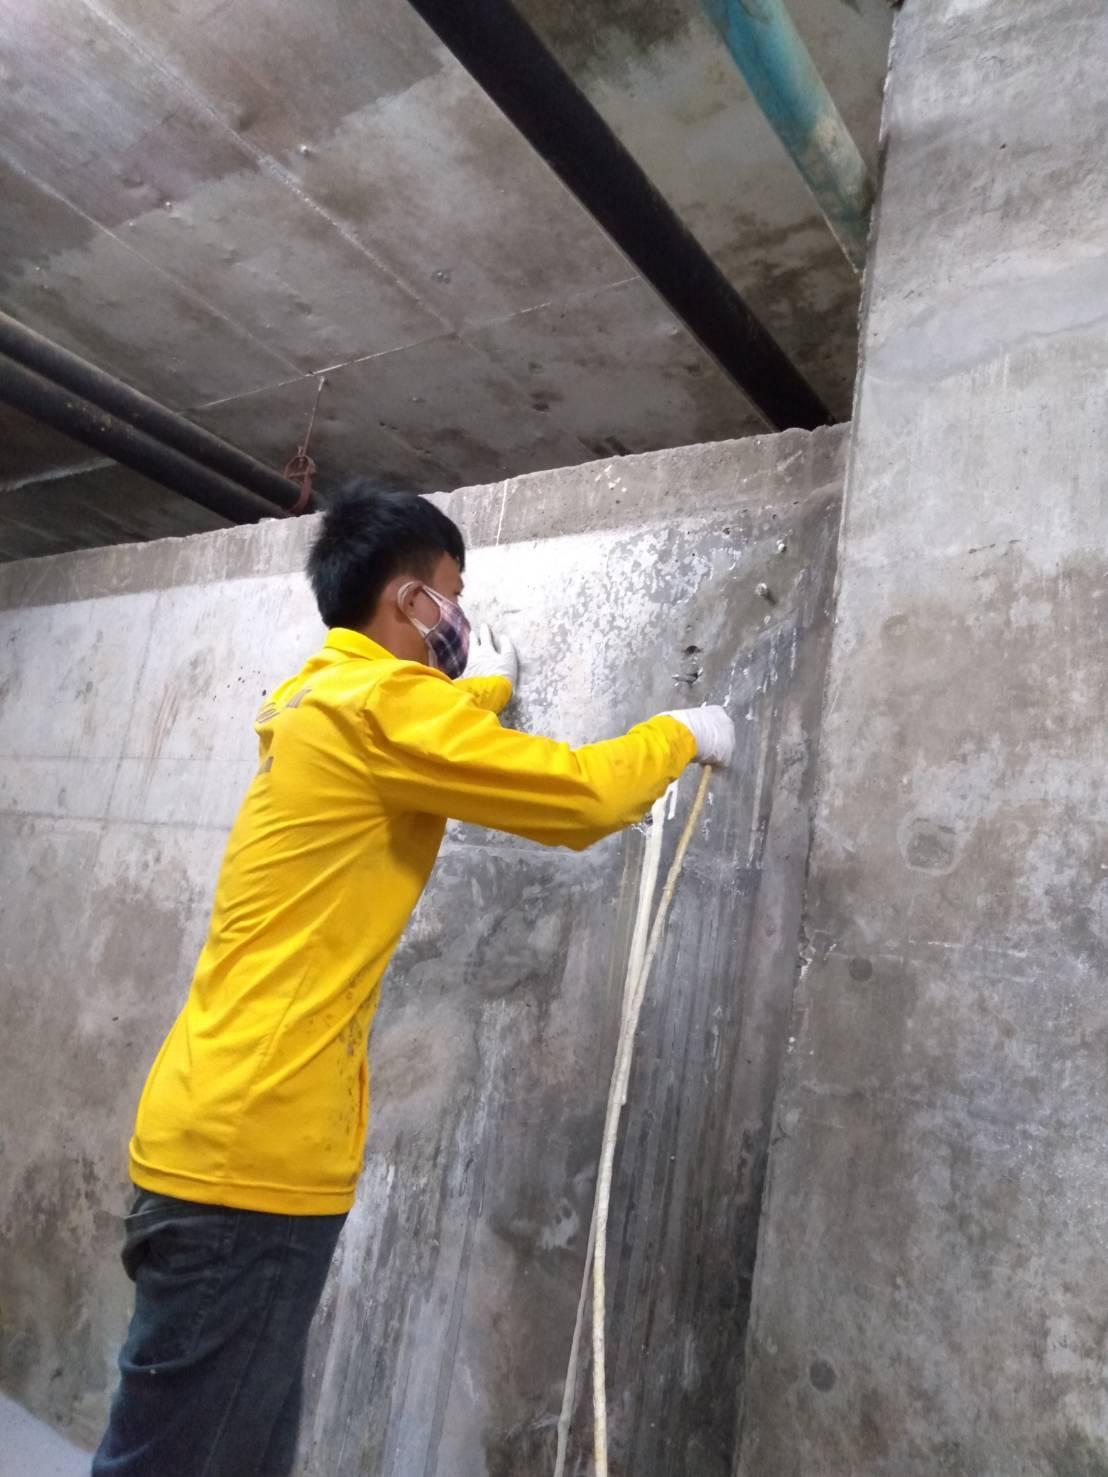 รับซ่อมน้ำรั่วซึมครบวงจร จังหวัดลพบุรี